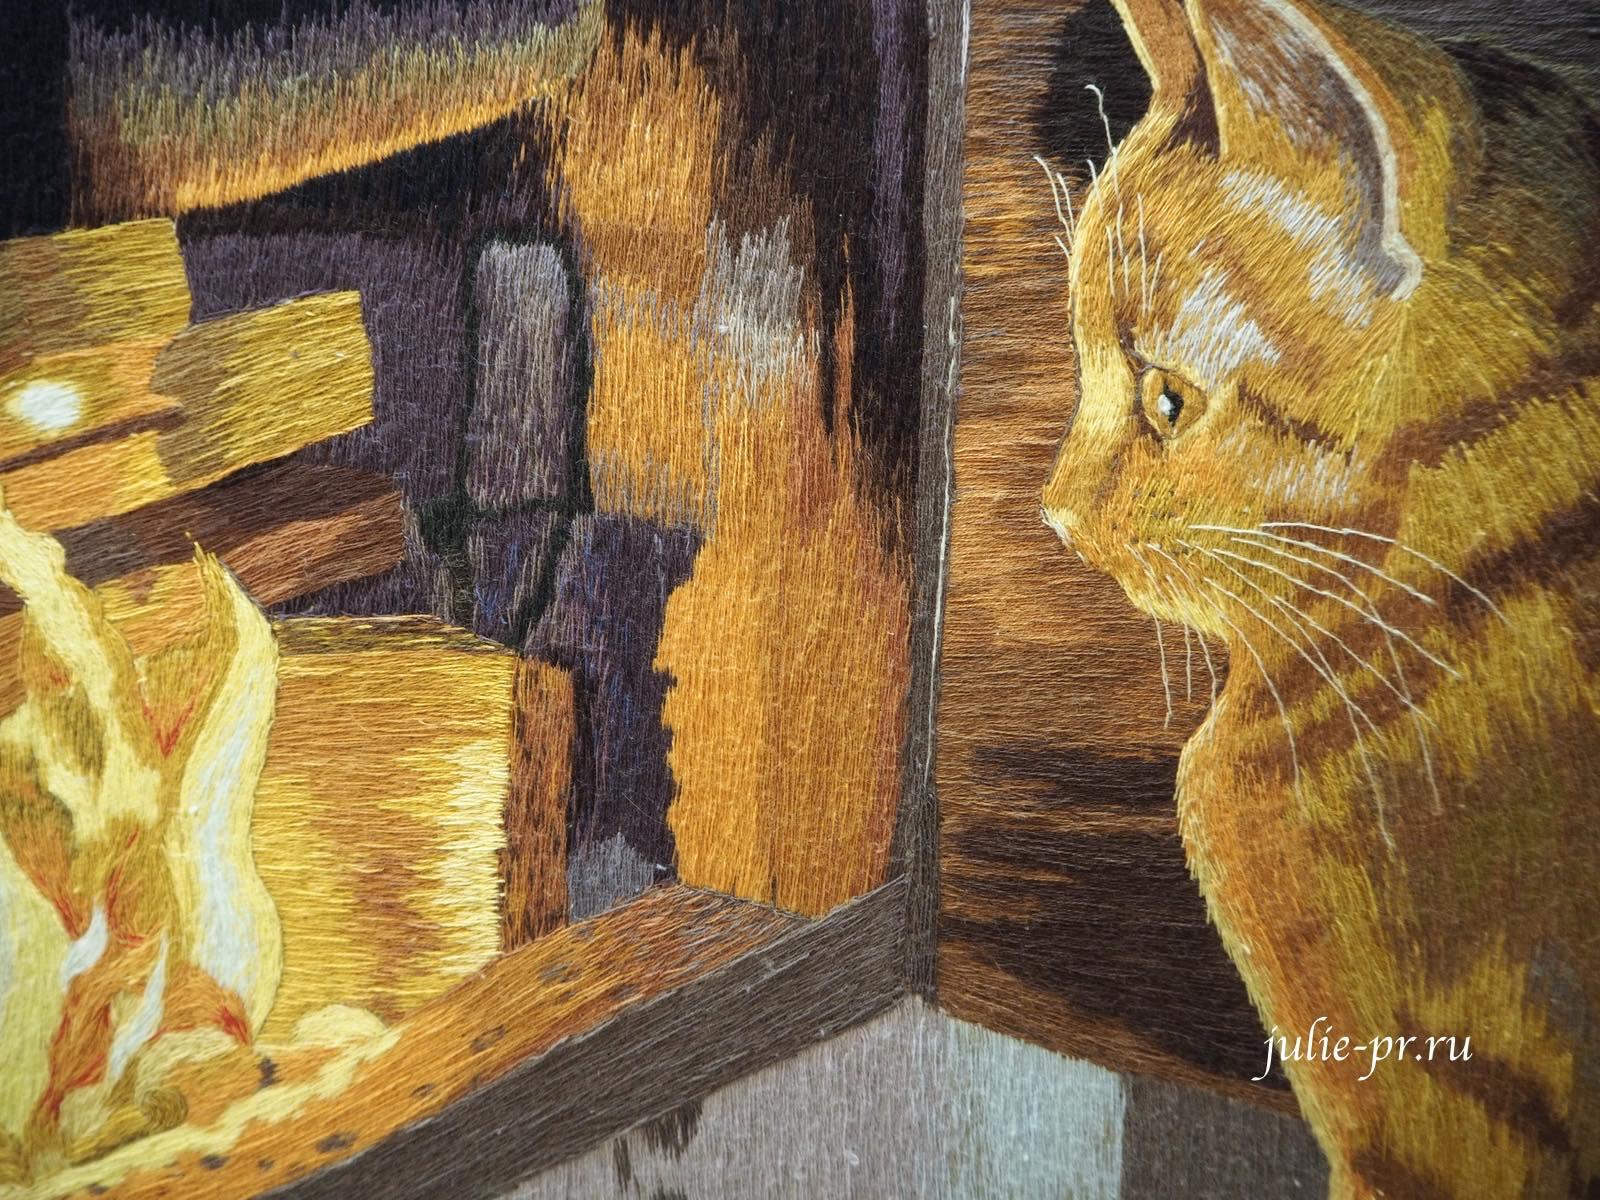 Всероссийская выставка вышивки, вышивка гладью, кот у печки